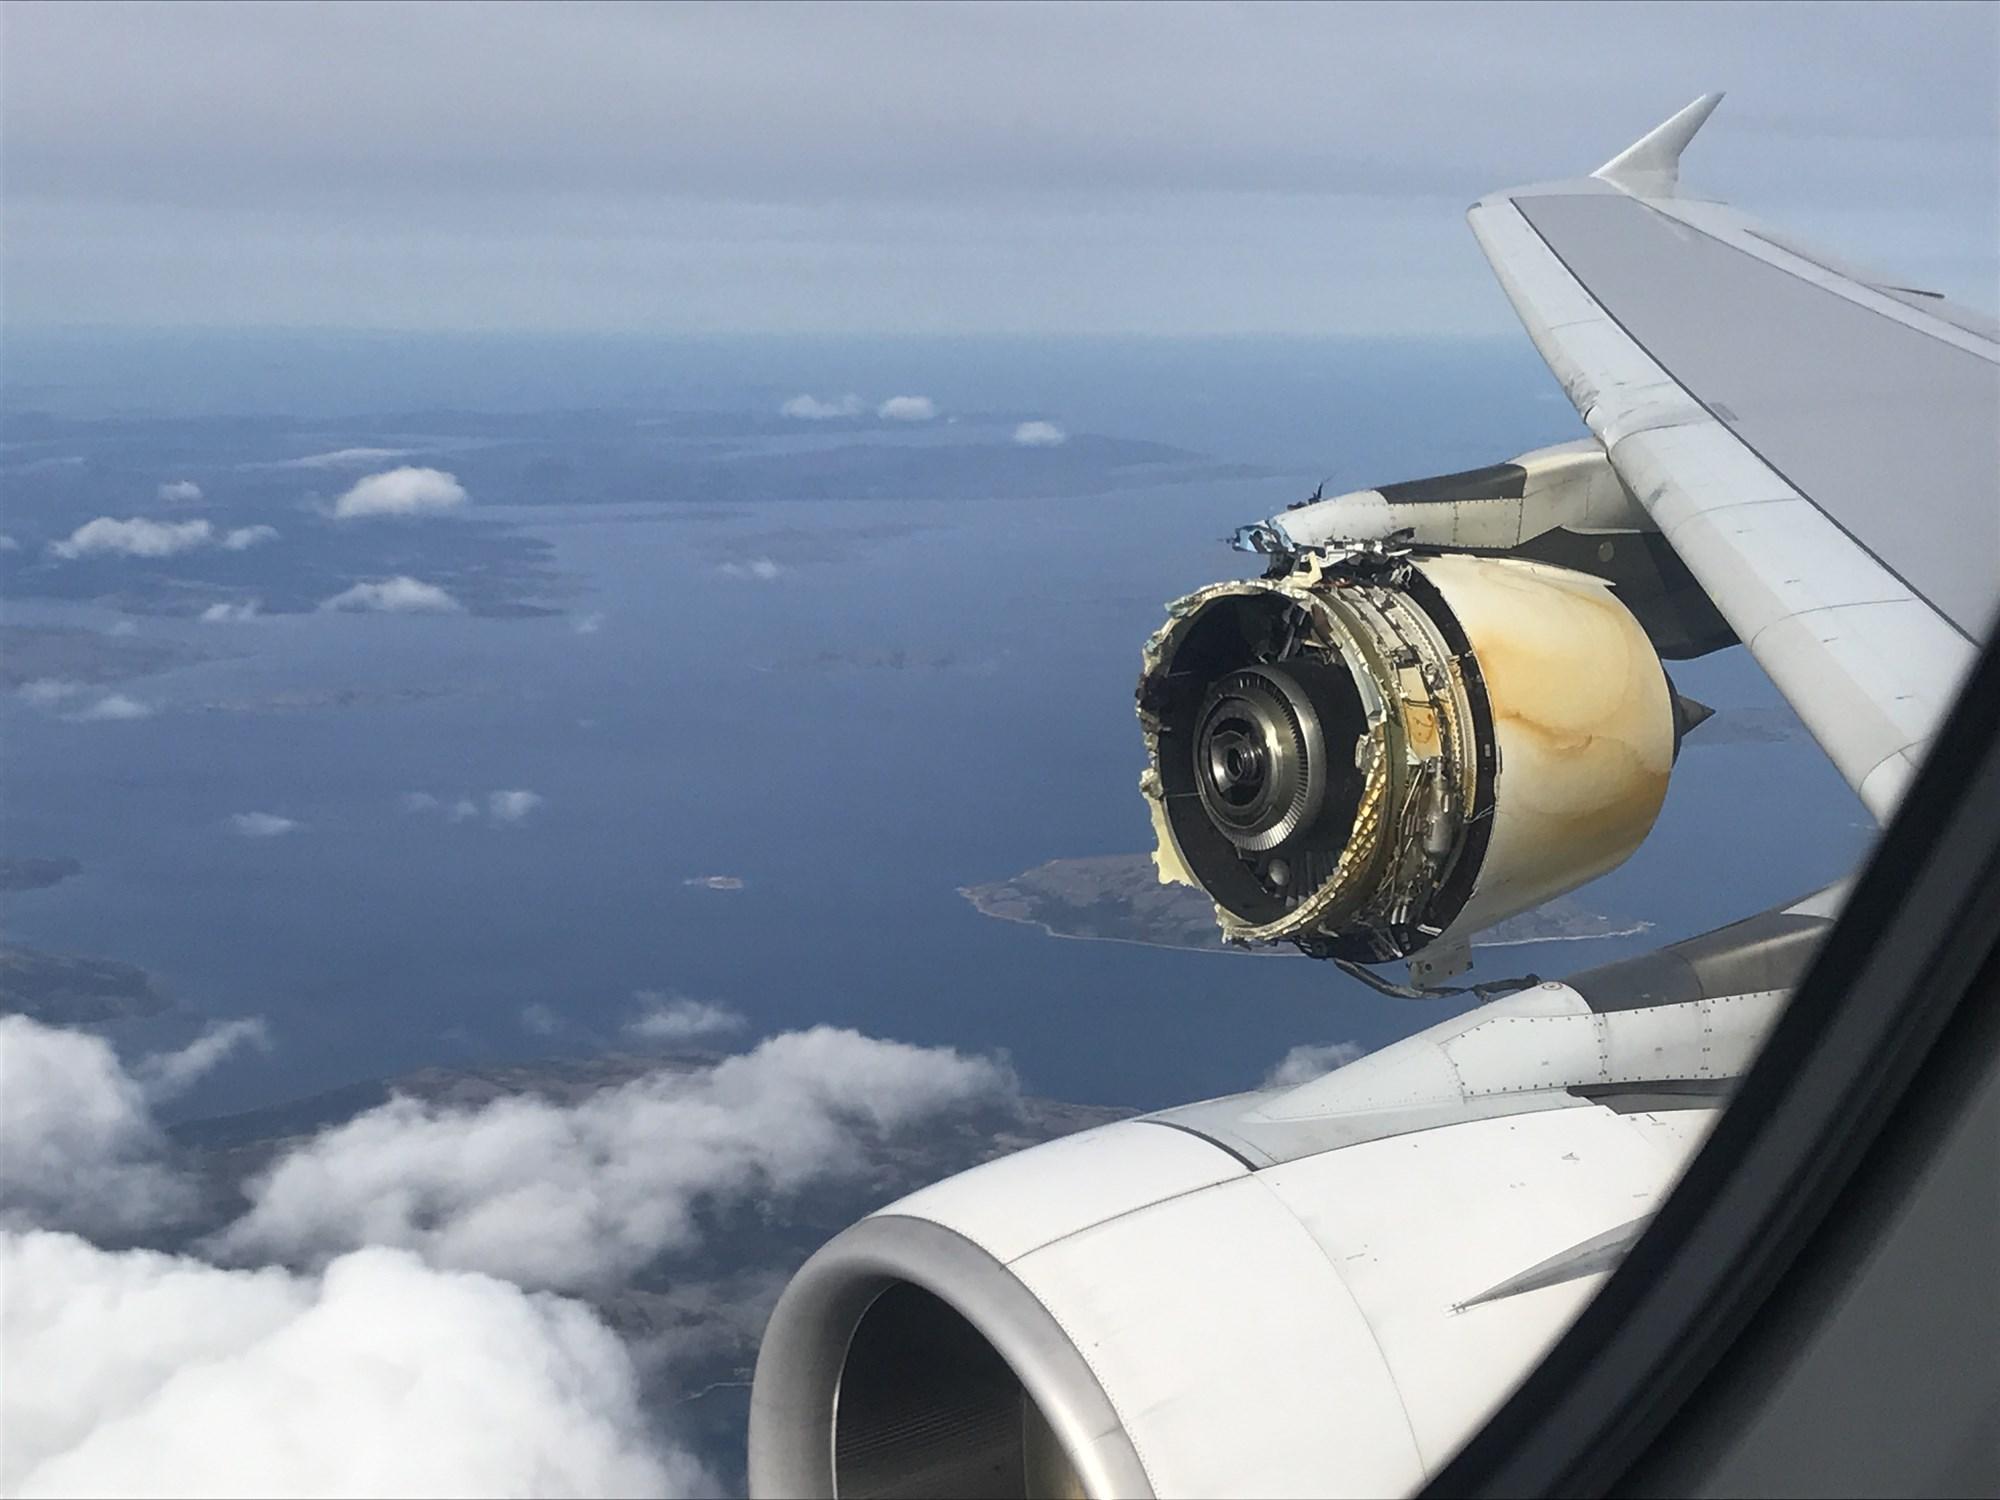 炸发动机这种事基本哪个机型都不能免俗,图为澳航32航班A380飞行中发动机爆炸。该次事件中,飞行计算机在迫降时给出结论:你们死定了。所幸最终成功降落无人伤亡